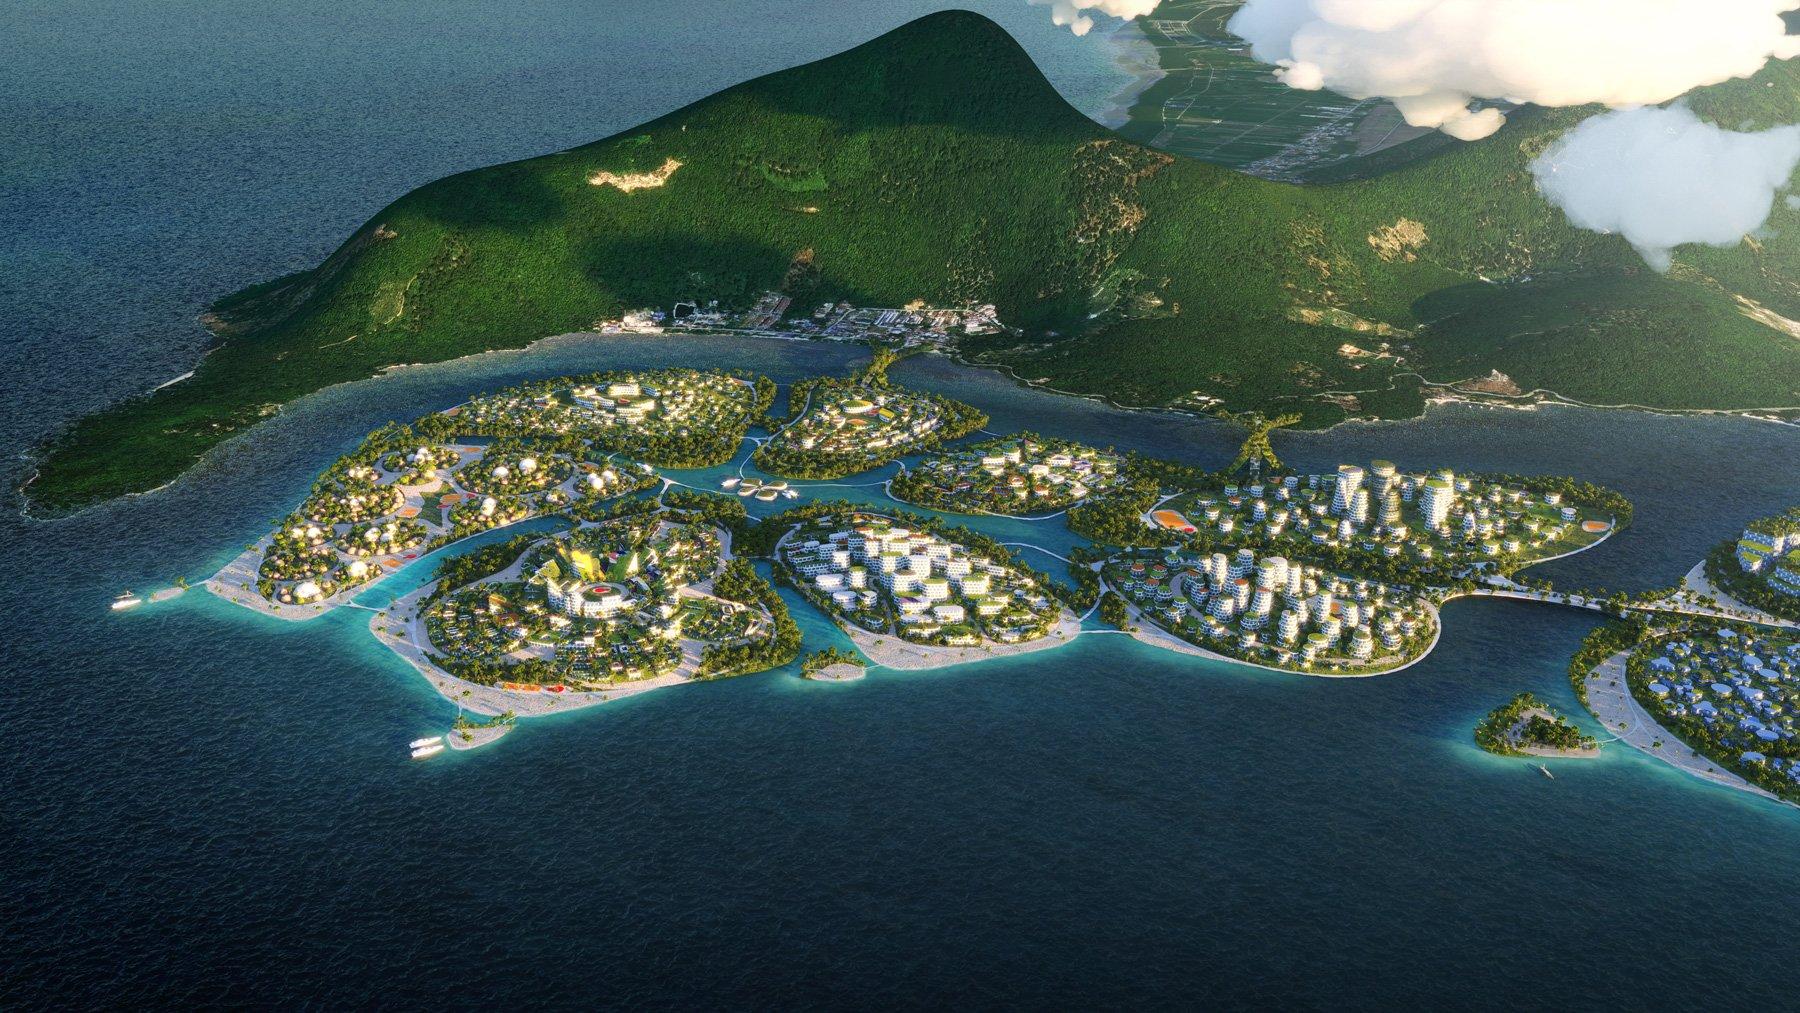 🏘 BiodiverCity: в Малайзії планують побудувати зелене місто майбутнього